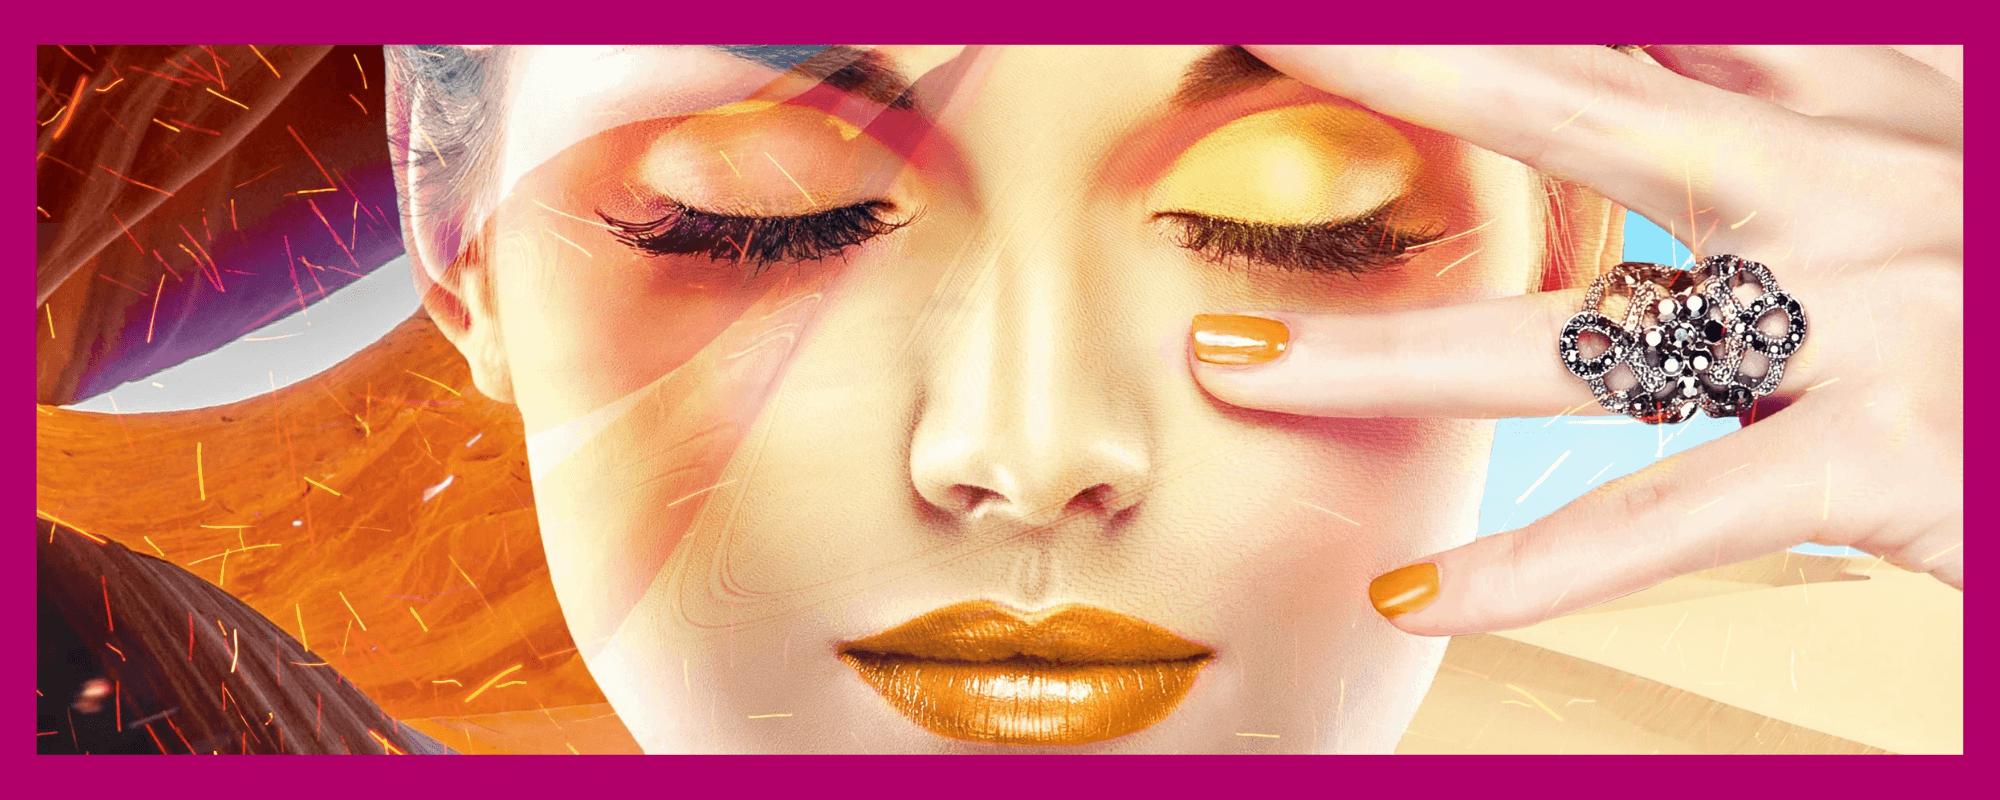 Beauty Salon + Blog + Shop = BeautySeele